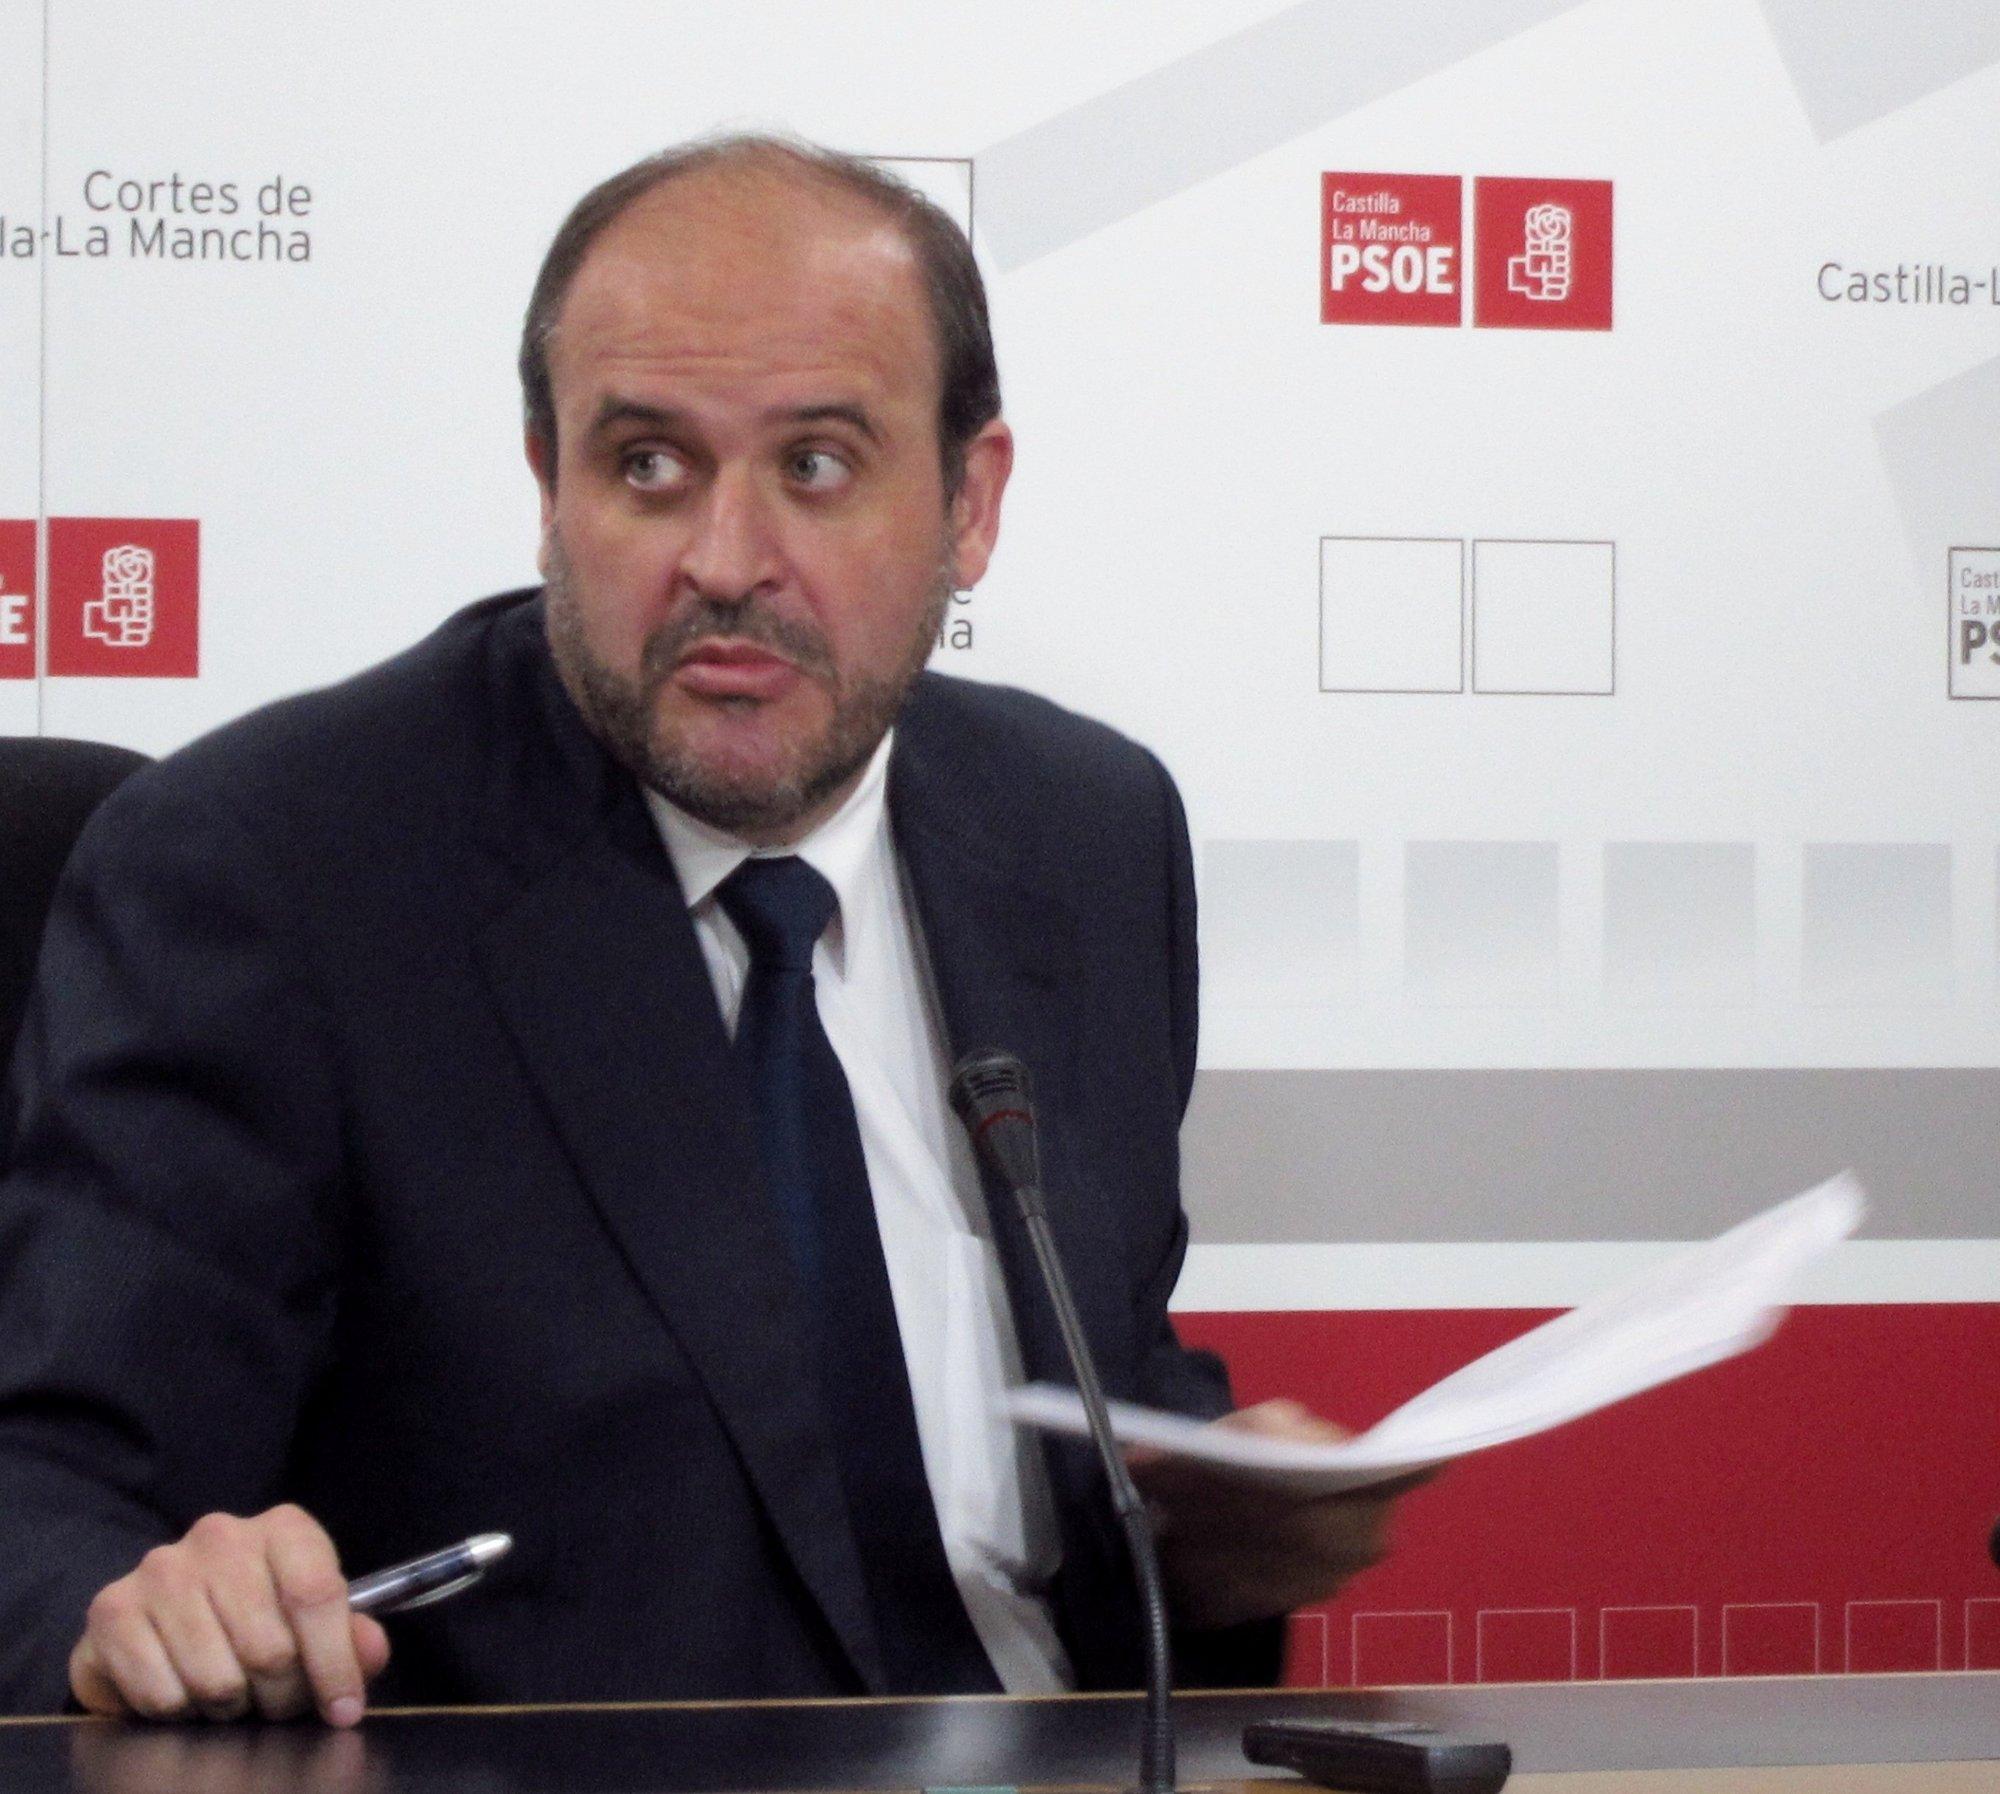 PSOE cree que lo importante es que se bajará el sueldo a los funcionarios «y lo demás son cortinas de humo»